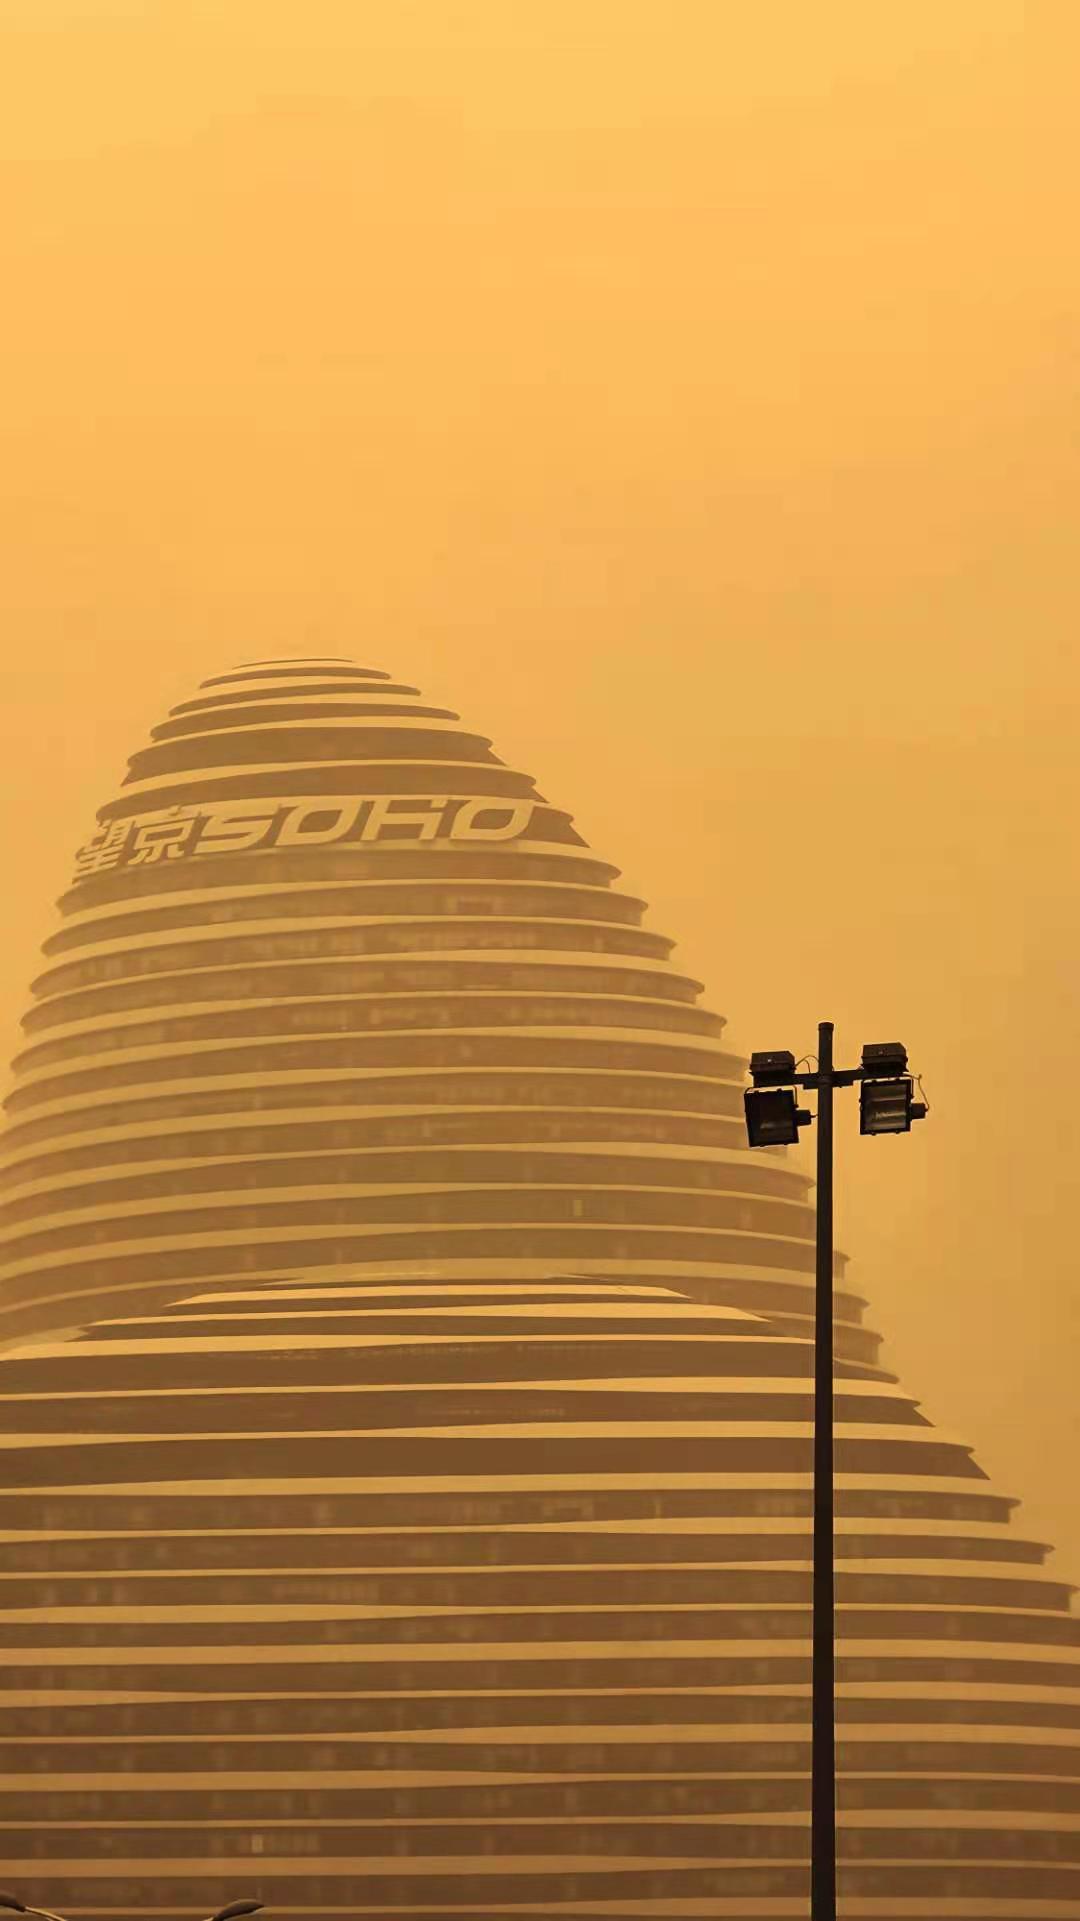 一场久违的沙尘暴,让人们尝试用另一种视角看待北京